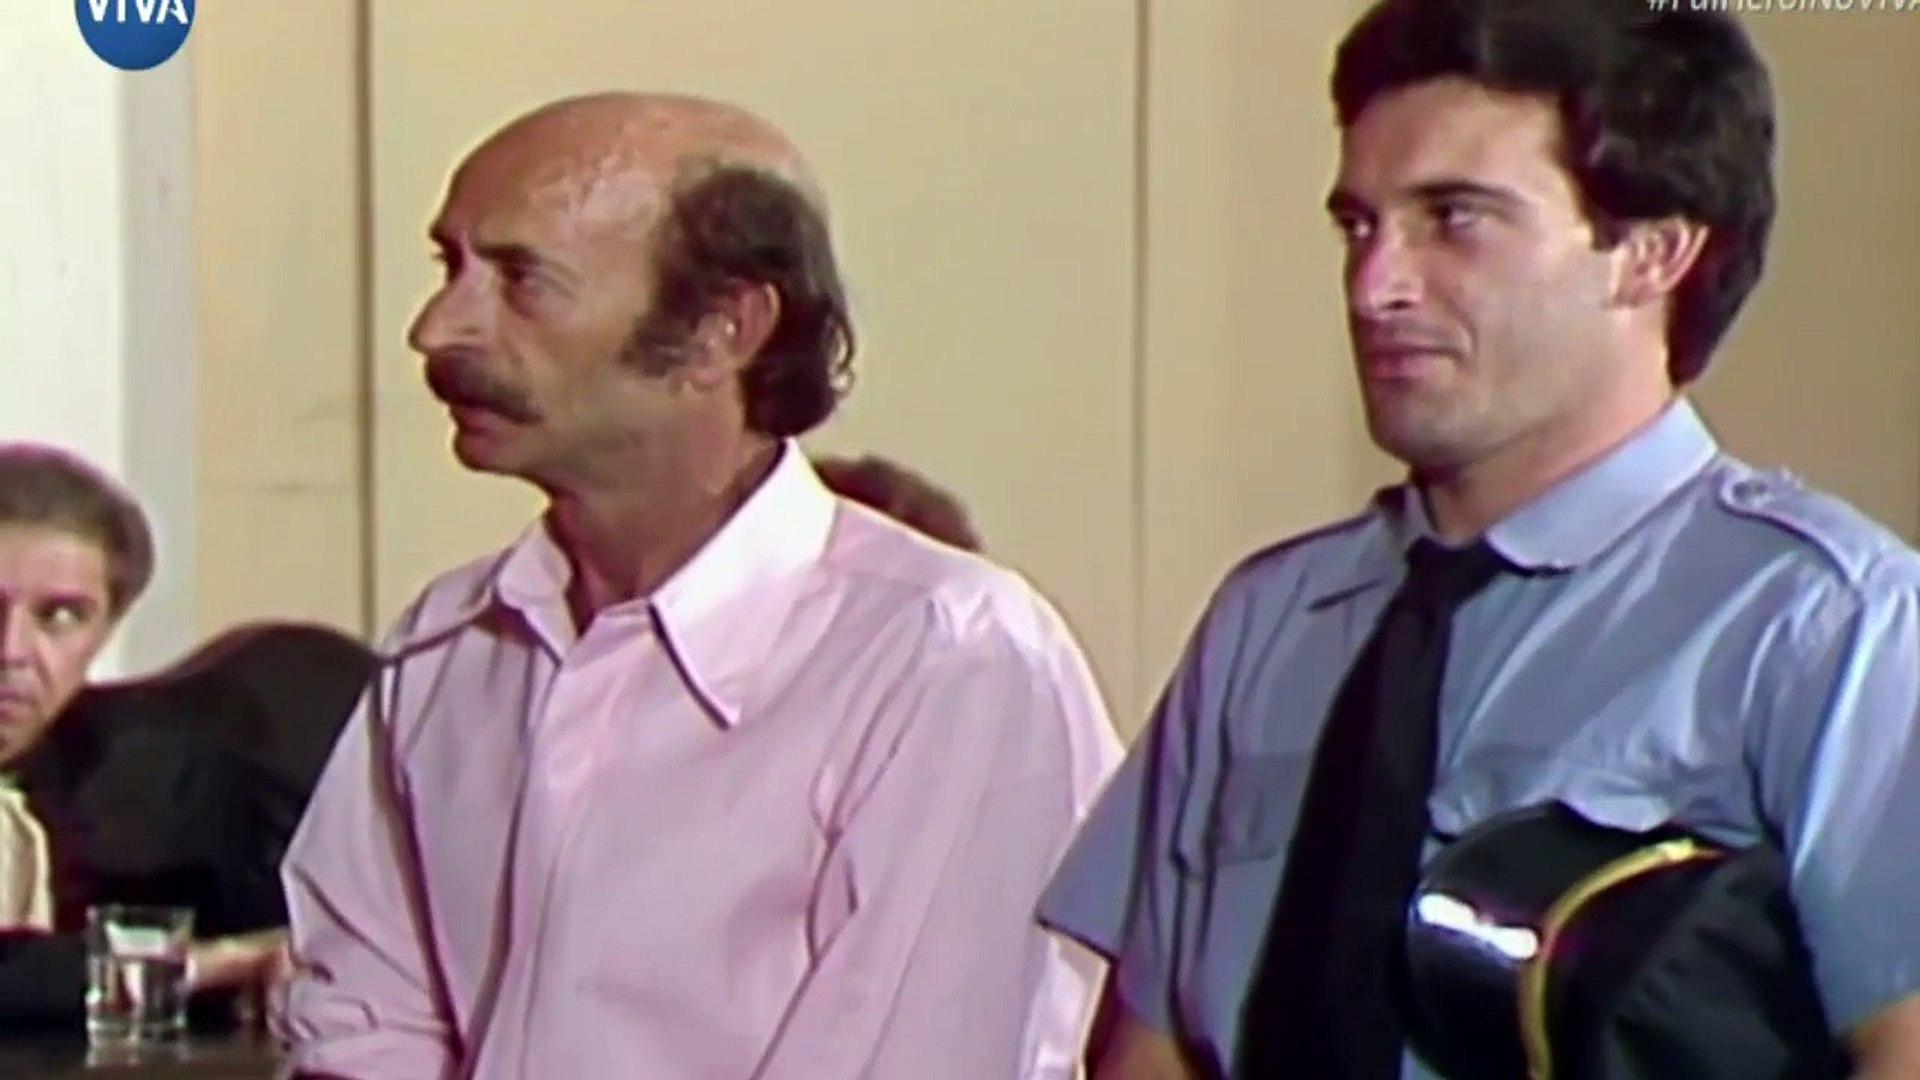 Pai herói cap 140-(completa) O julgamento de André e Osório começa. Carina, disfarçada, chega ao tri